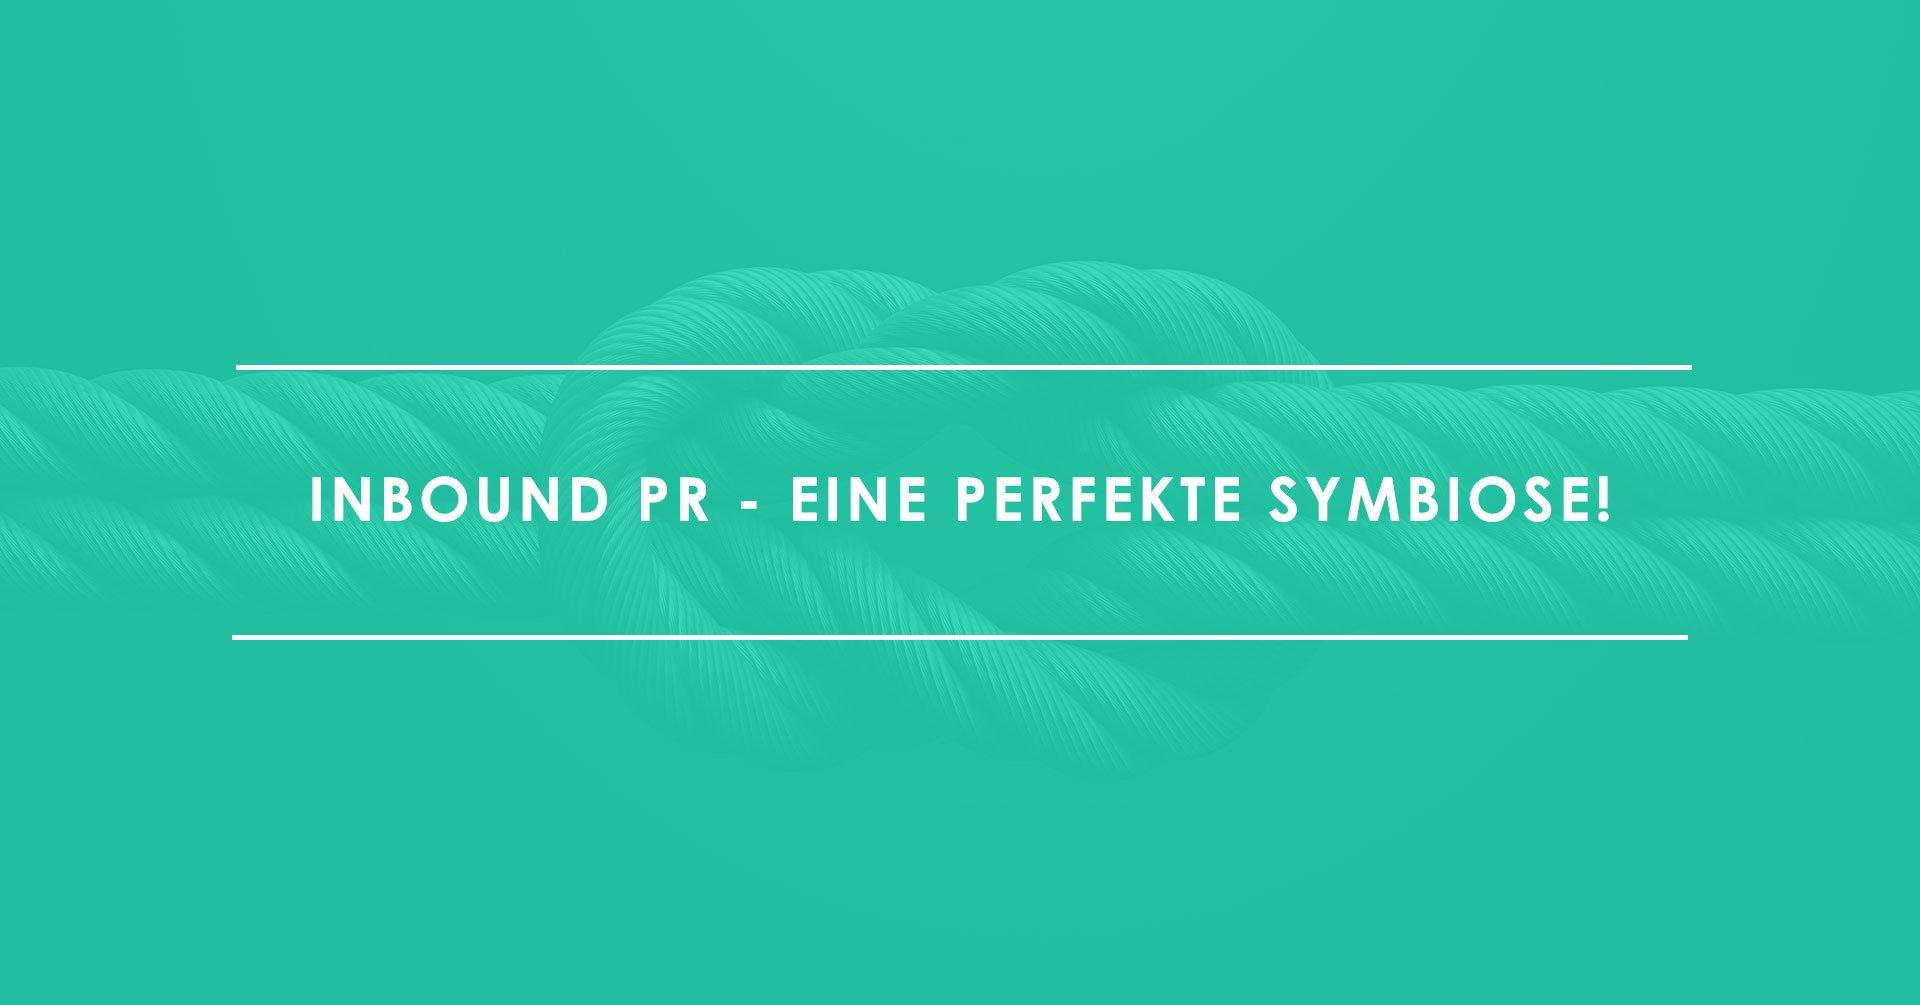 Inbound-PR-–-eine-perfekte-Symbiose